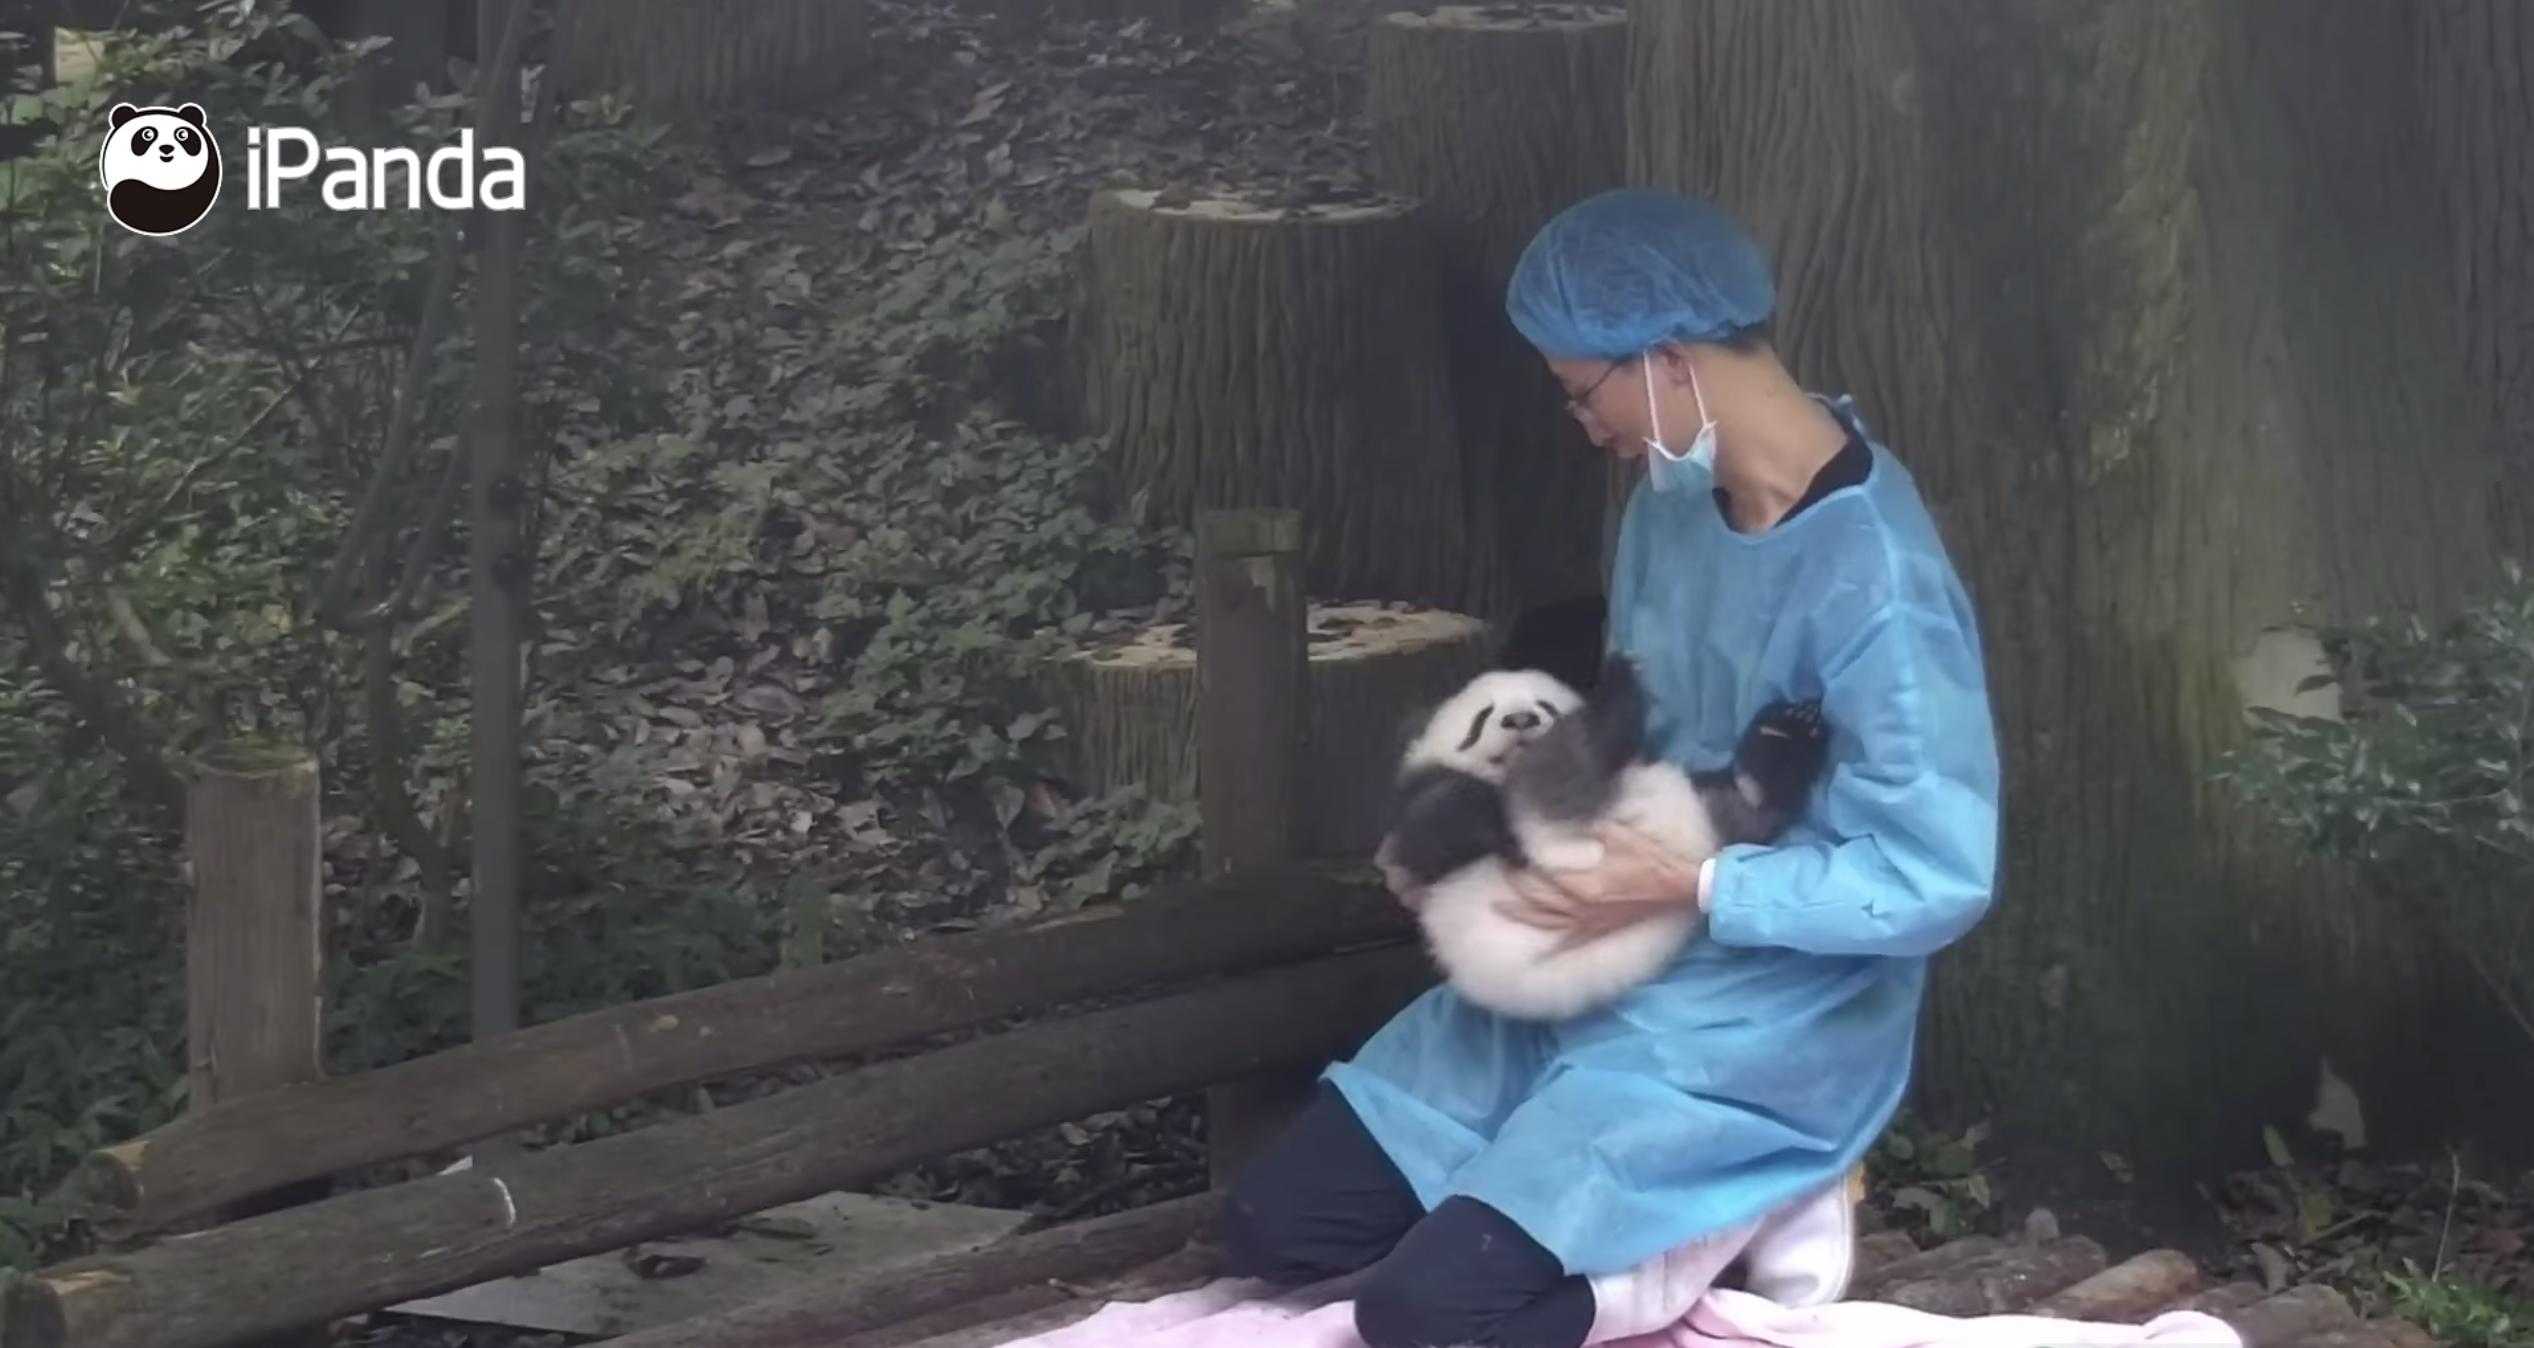 e89ea2e5b995e5bfabe785a7 2018 12 28 e4b88be58d882 55 47.png - 小笨熊貓想睡個午覺沒想到居然⋯⋯還好有奶爸前來救援